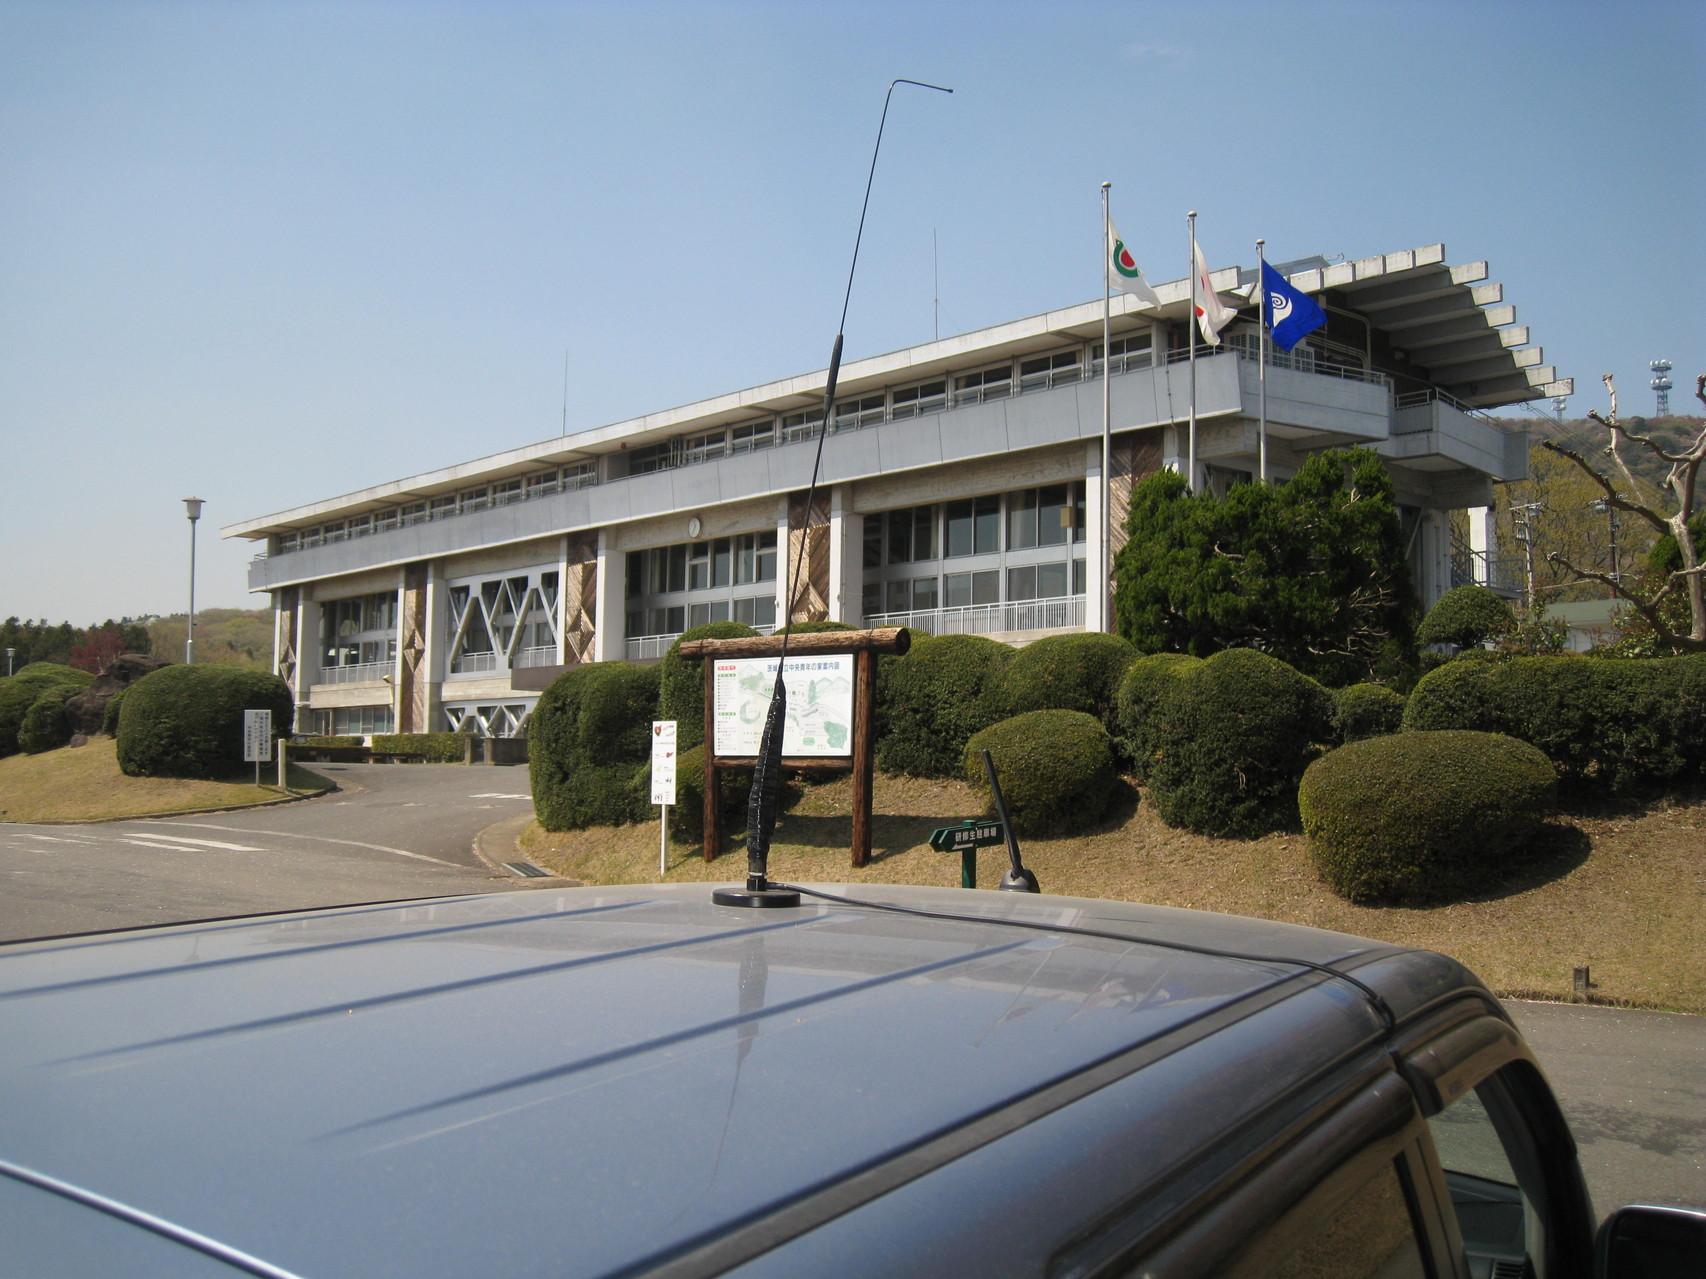 筑波山移動時の写真(モービルホイップ)